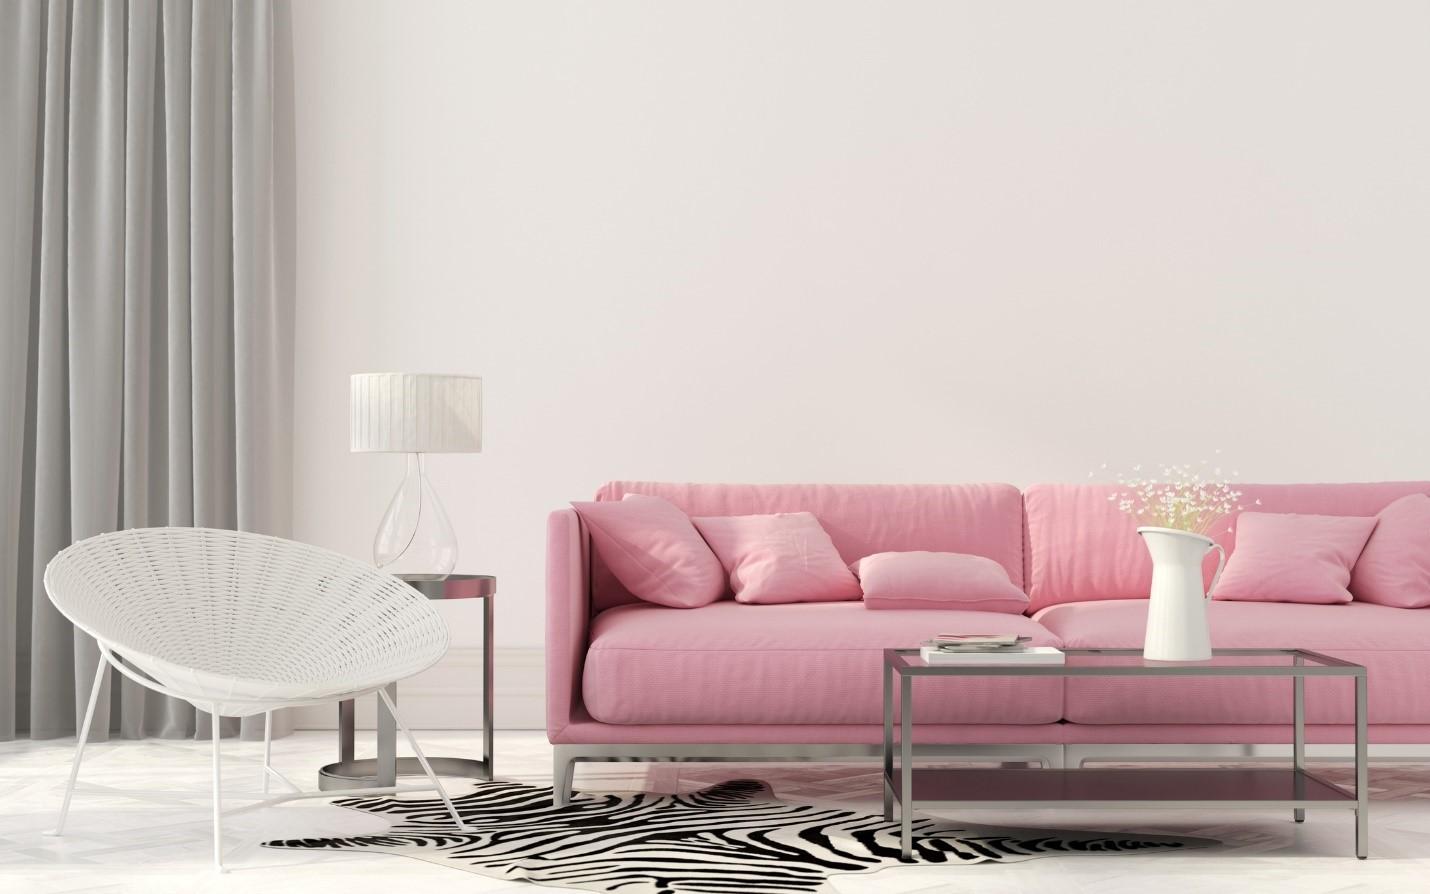 Peças animal print e itens coloridos são opções para transformar os ambientes em cômodos fashionistas (Foto: ThinkStock)